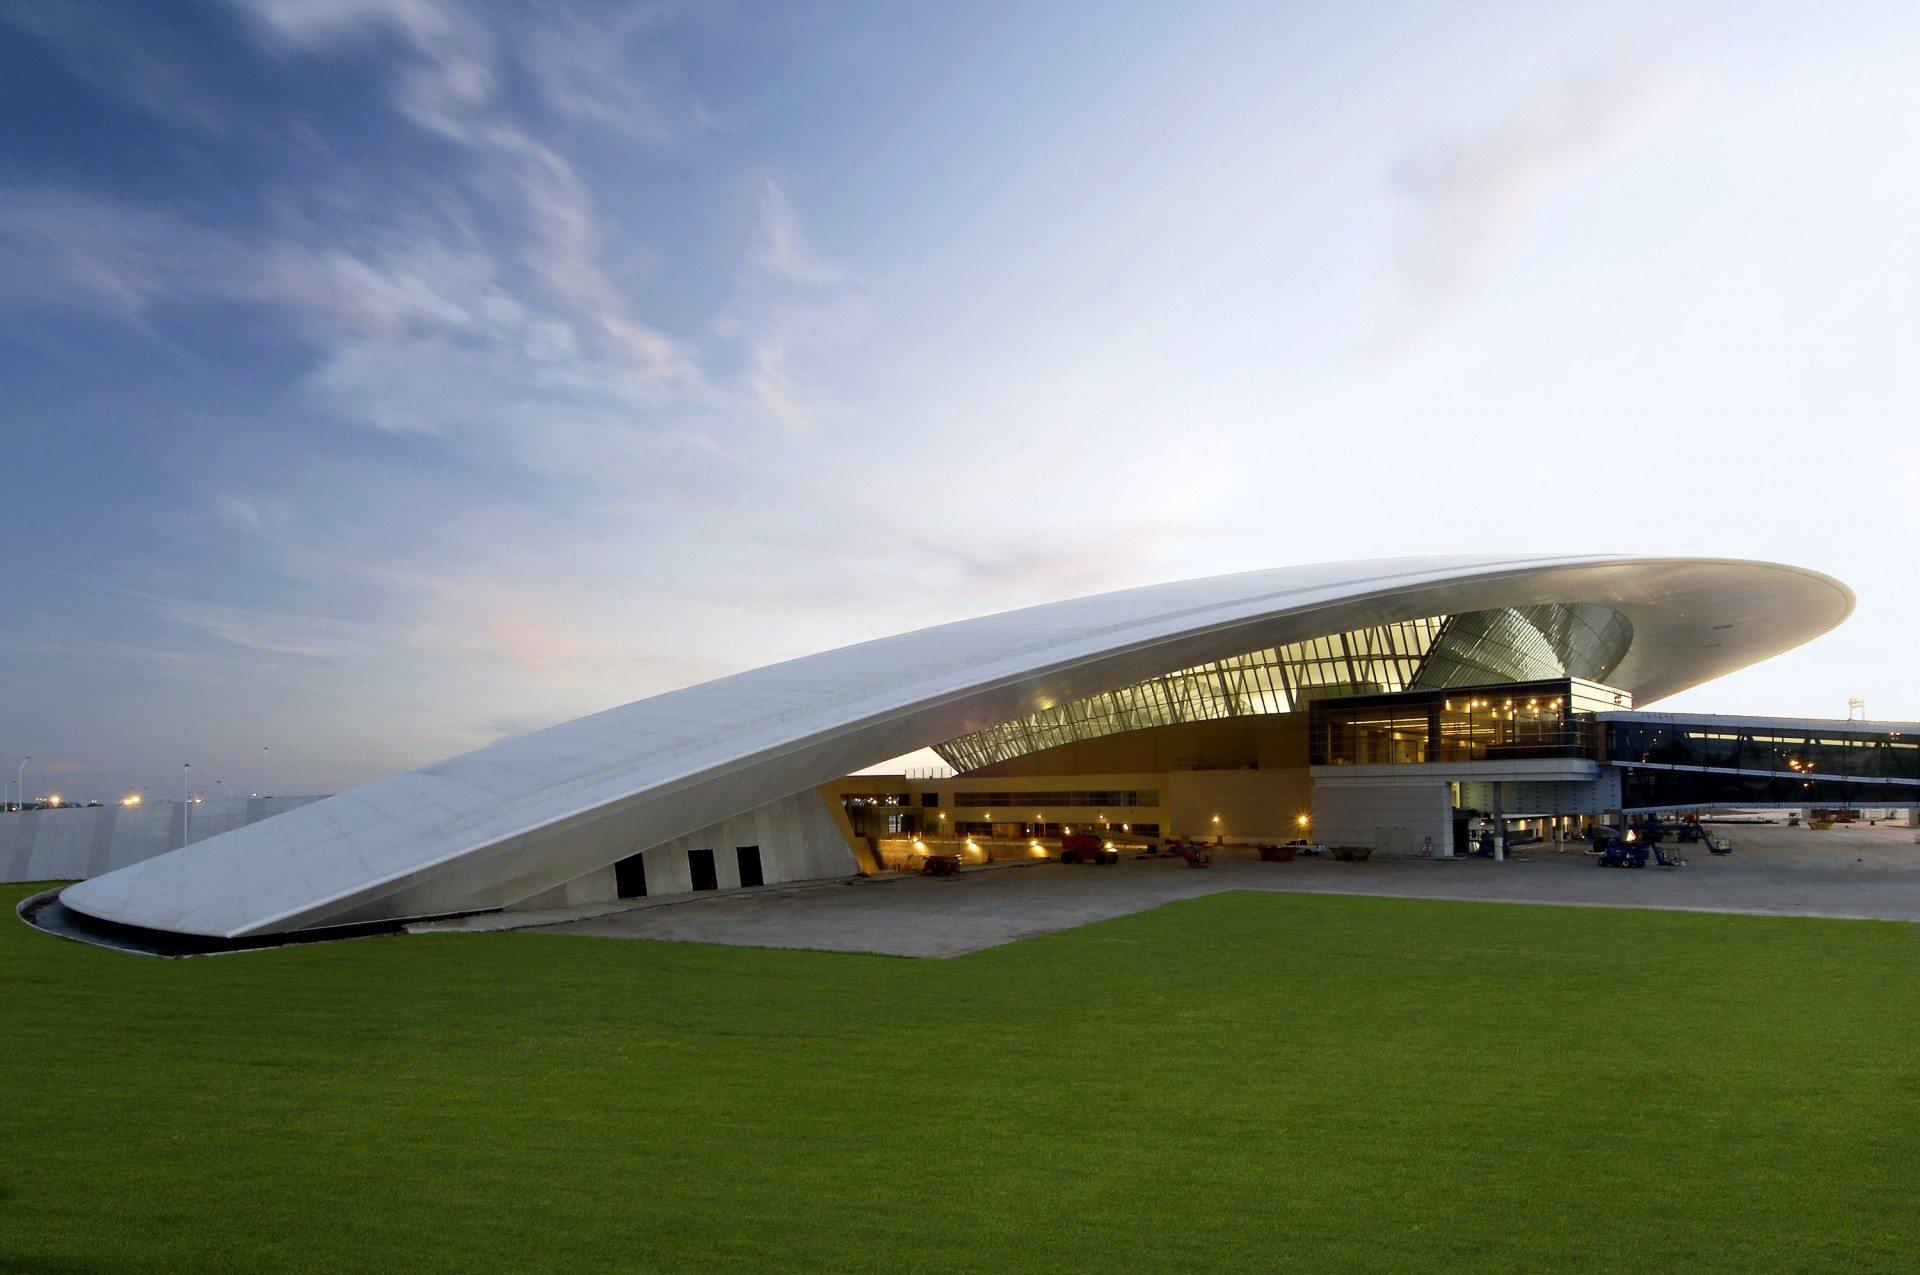 MVD. Aeropuerto Internacional De Carrasco General Cesáreo L. Berisso in Montevideo, Uruguay. Von Rafael Viñoly.